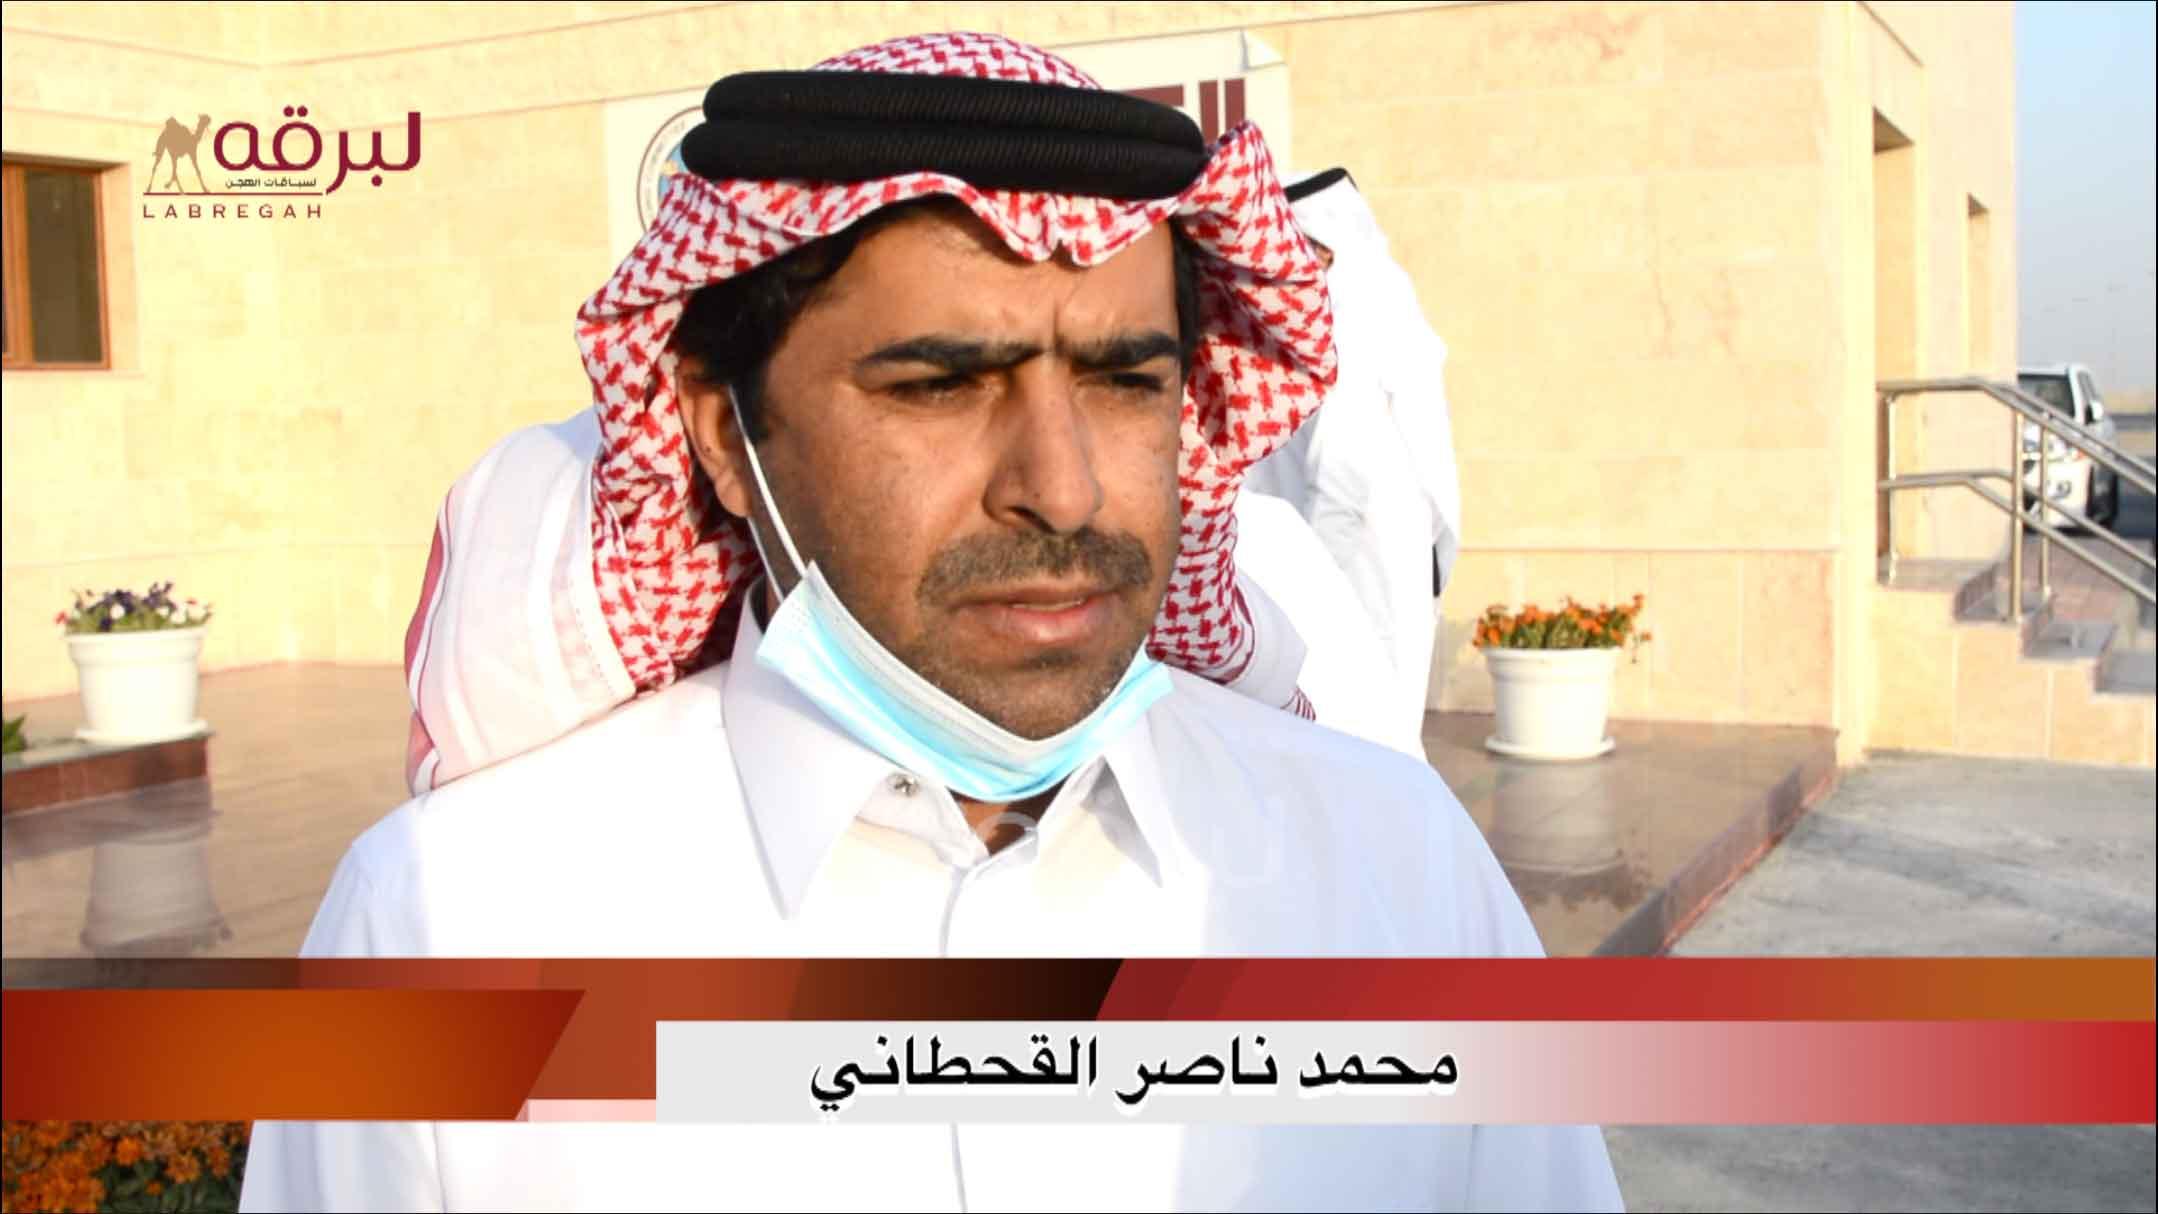 لقاء مع محمد ناصر القحطاني.. الخنجر الفضي زمول «عمانيات» الأشواط العامة ٣١-٣-٢٠٢١